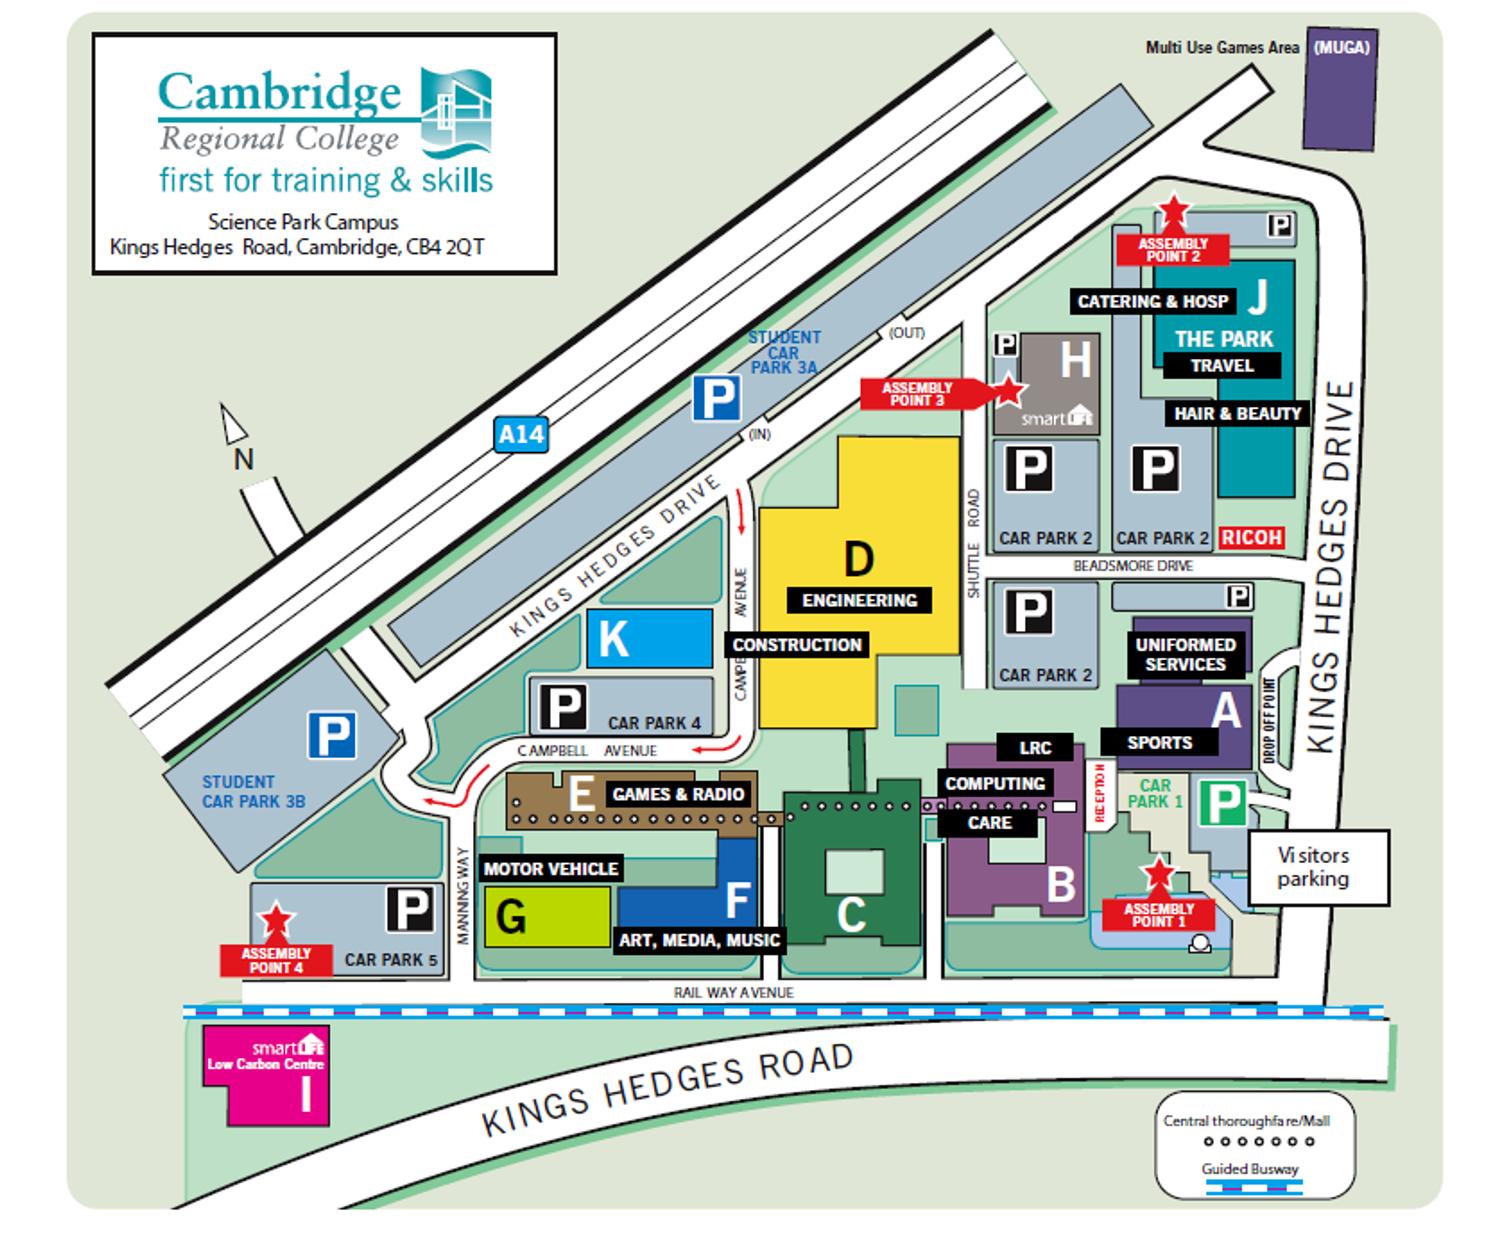 Cambridge regional college site plan